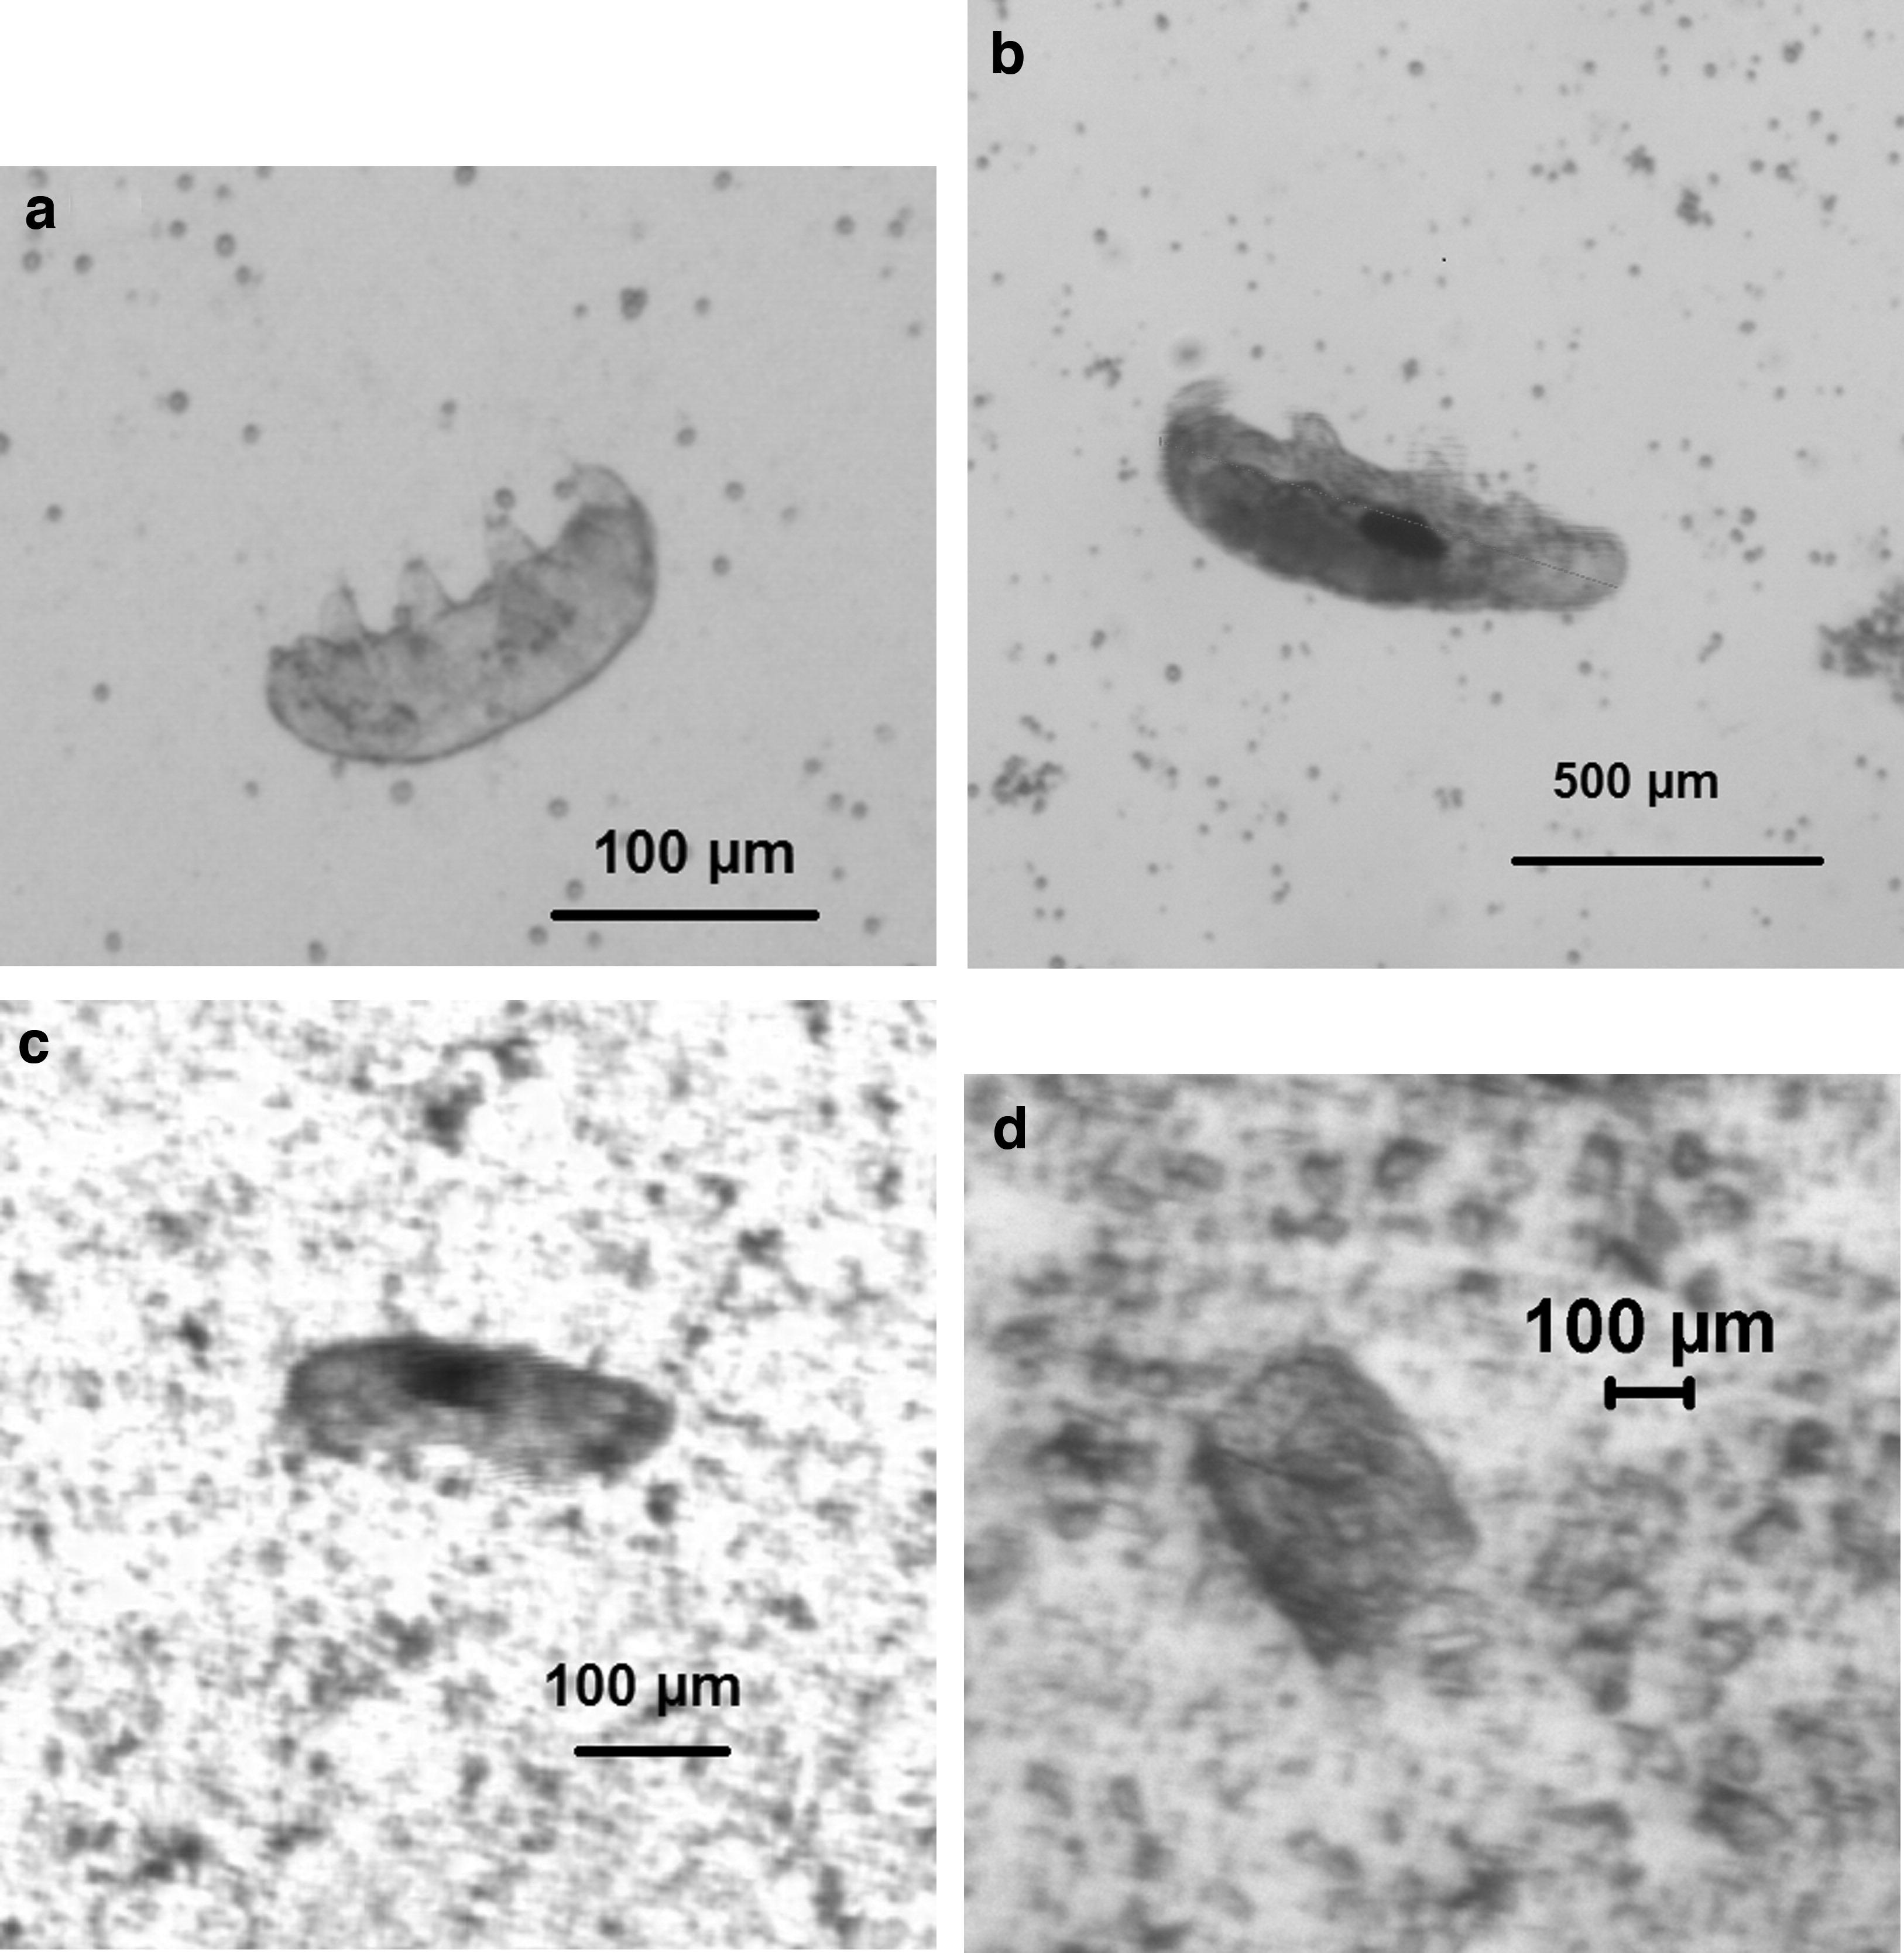 Tardigrades utilisés dans l'expérience